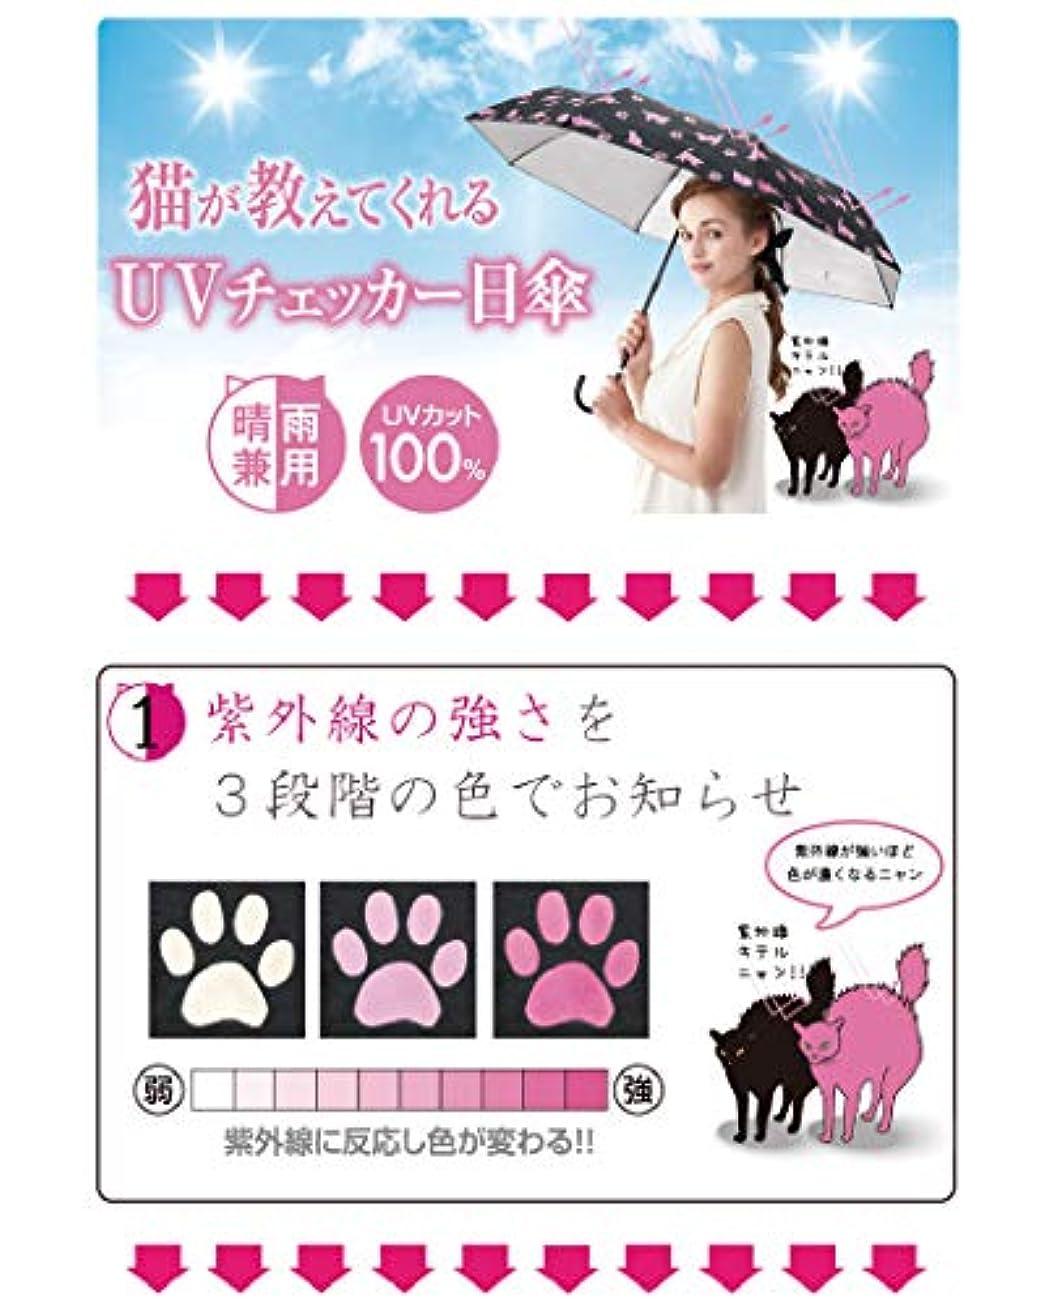 ネコとお散歩 ネコのUVお散歩日傘【晴雨兼用/紫外線カット/幅広サイズ/可愛い】